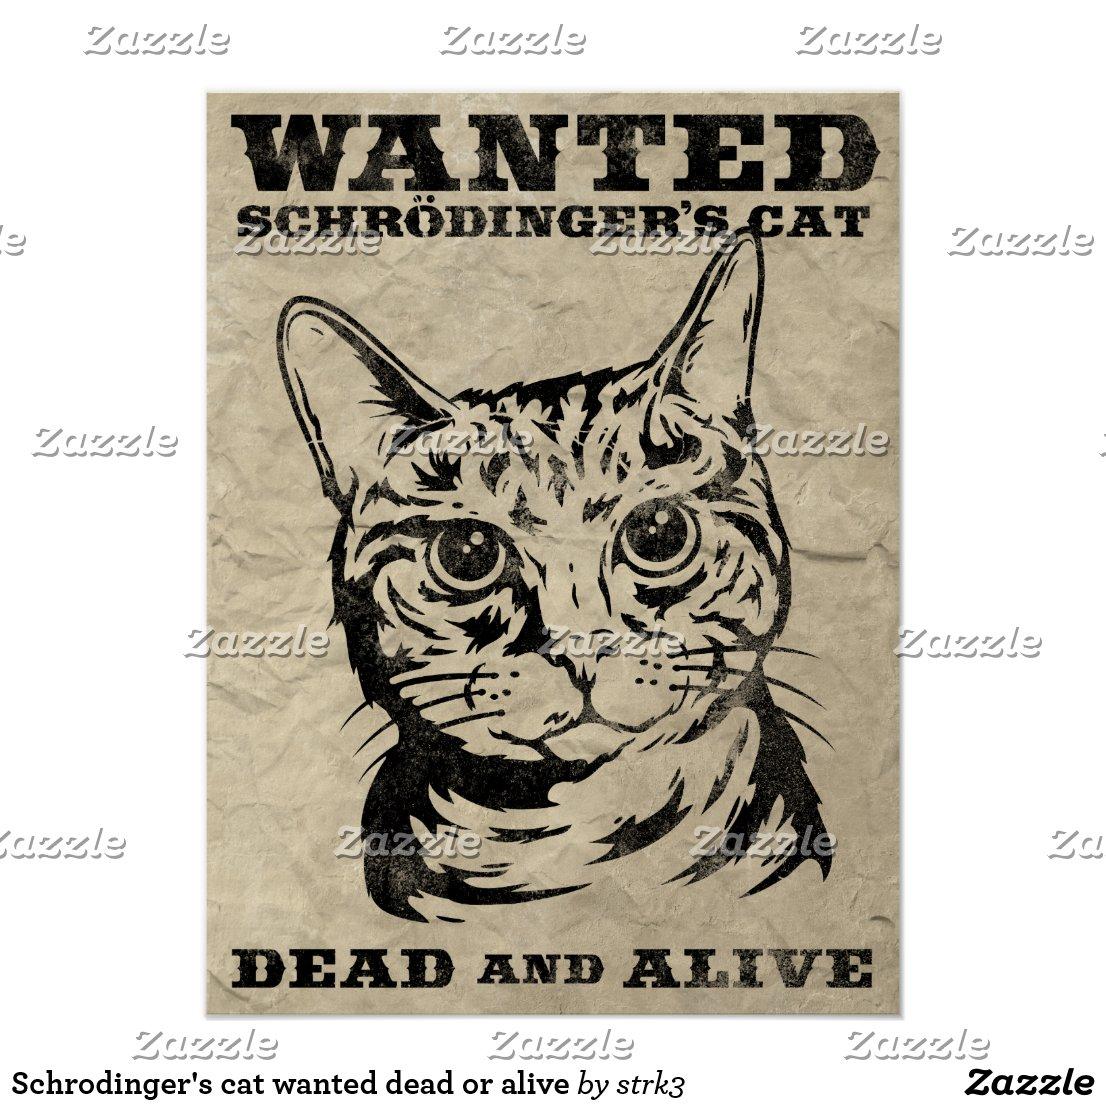 Votre humour de zèbre - Page 6 Schrodingers_cat_wanted_dead_or_alive_poster-rb5343cbe8b544d8bb2bcae895ee346ca_wv4_8byvr_1024